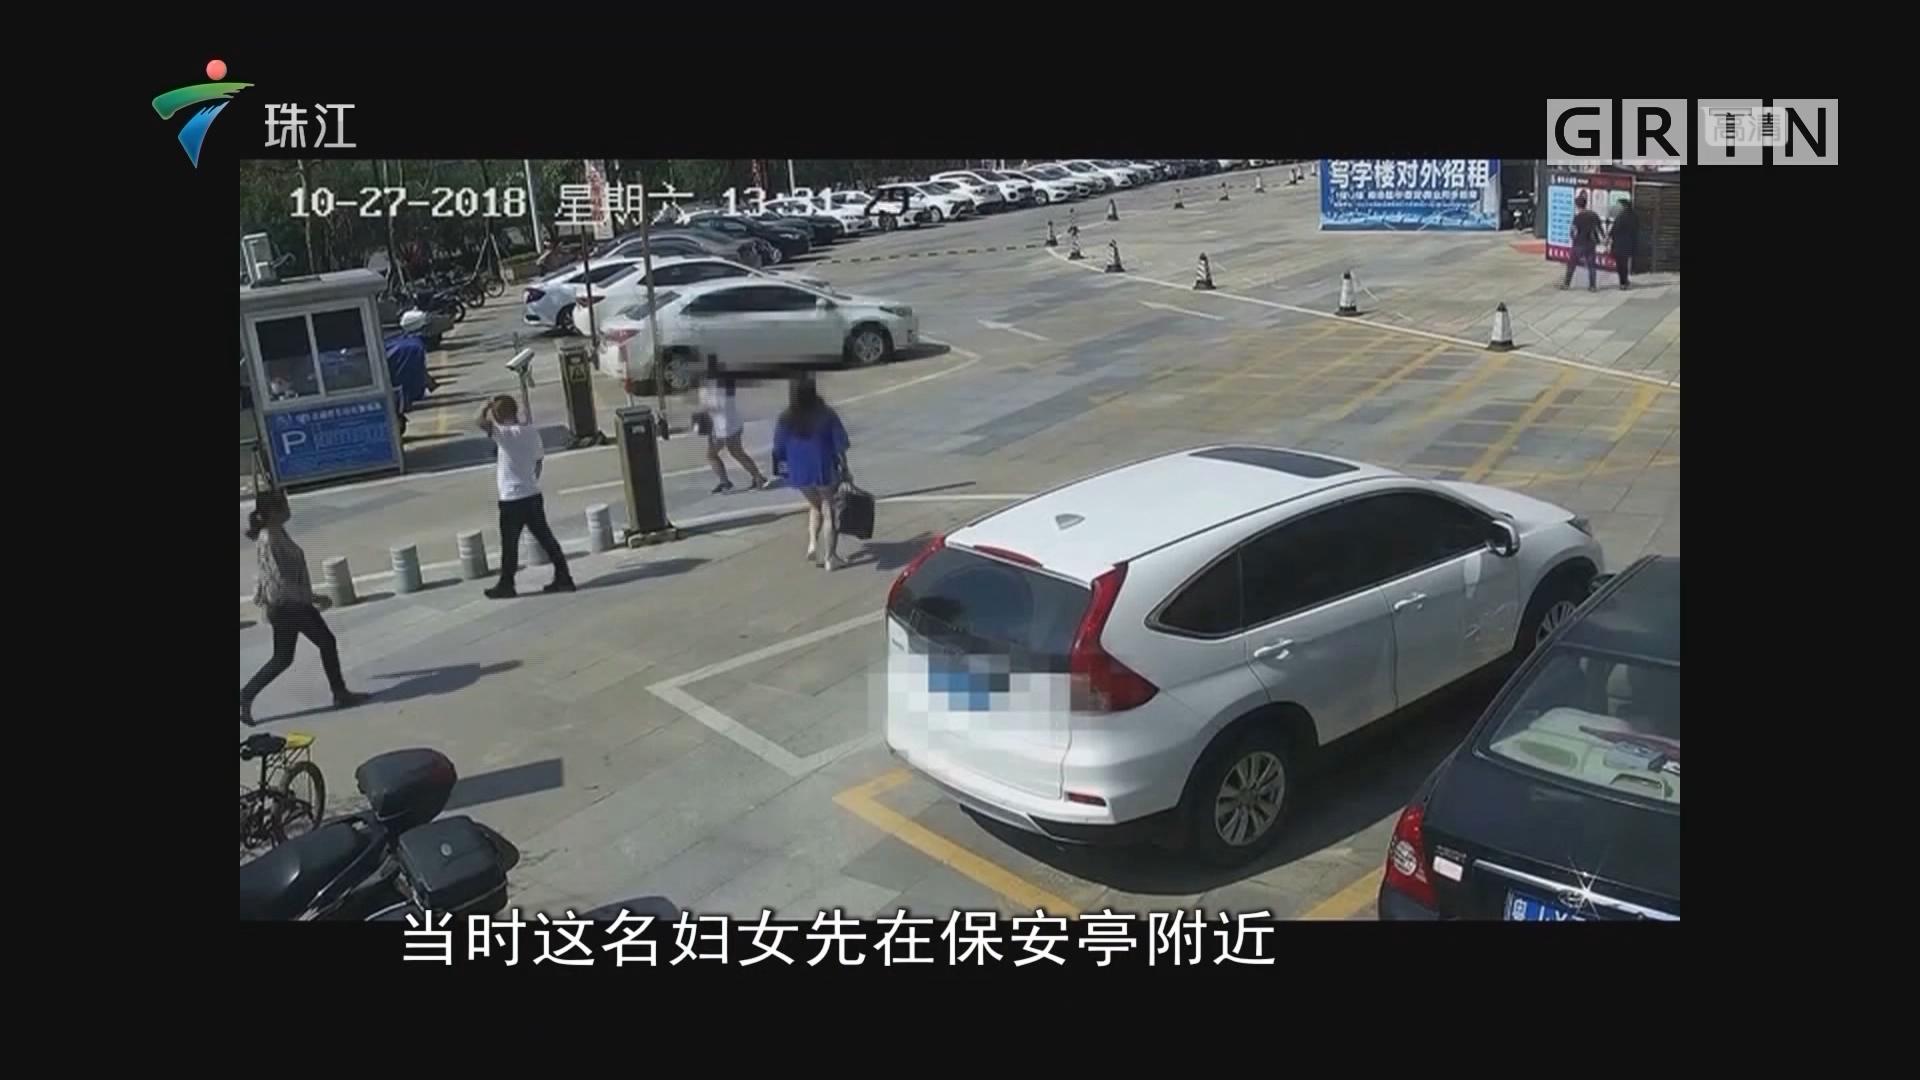 台山:当街抢小孩?女子被保安控制